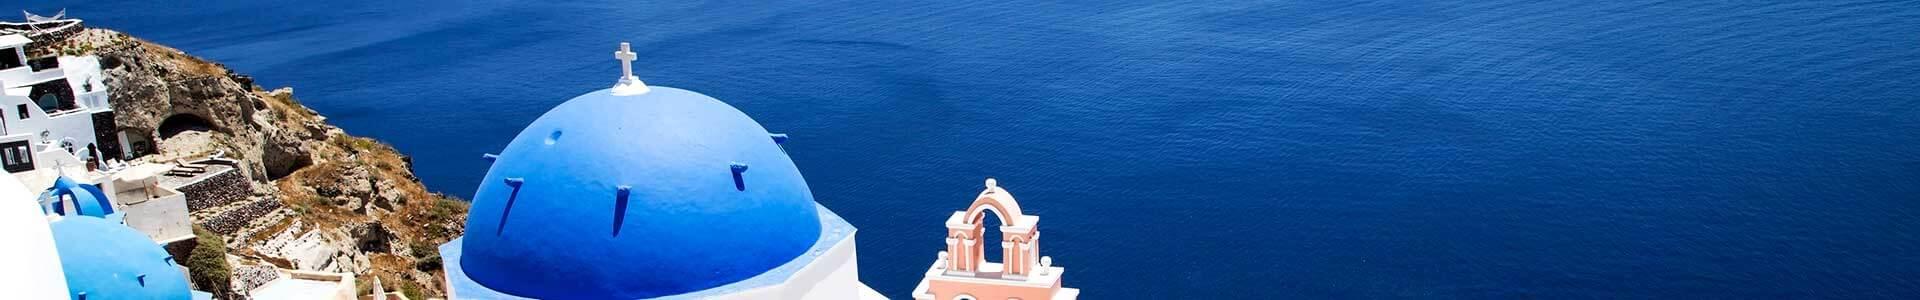 Voyages à Santorin - TUI